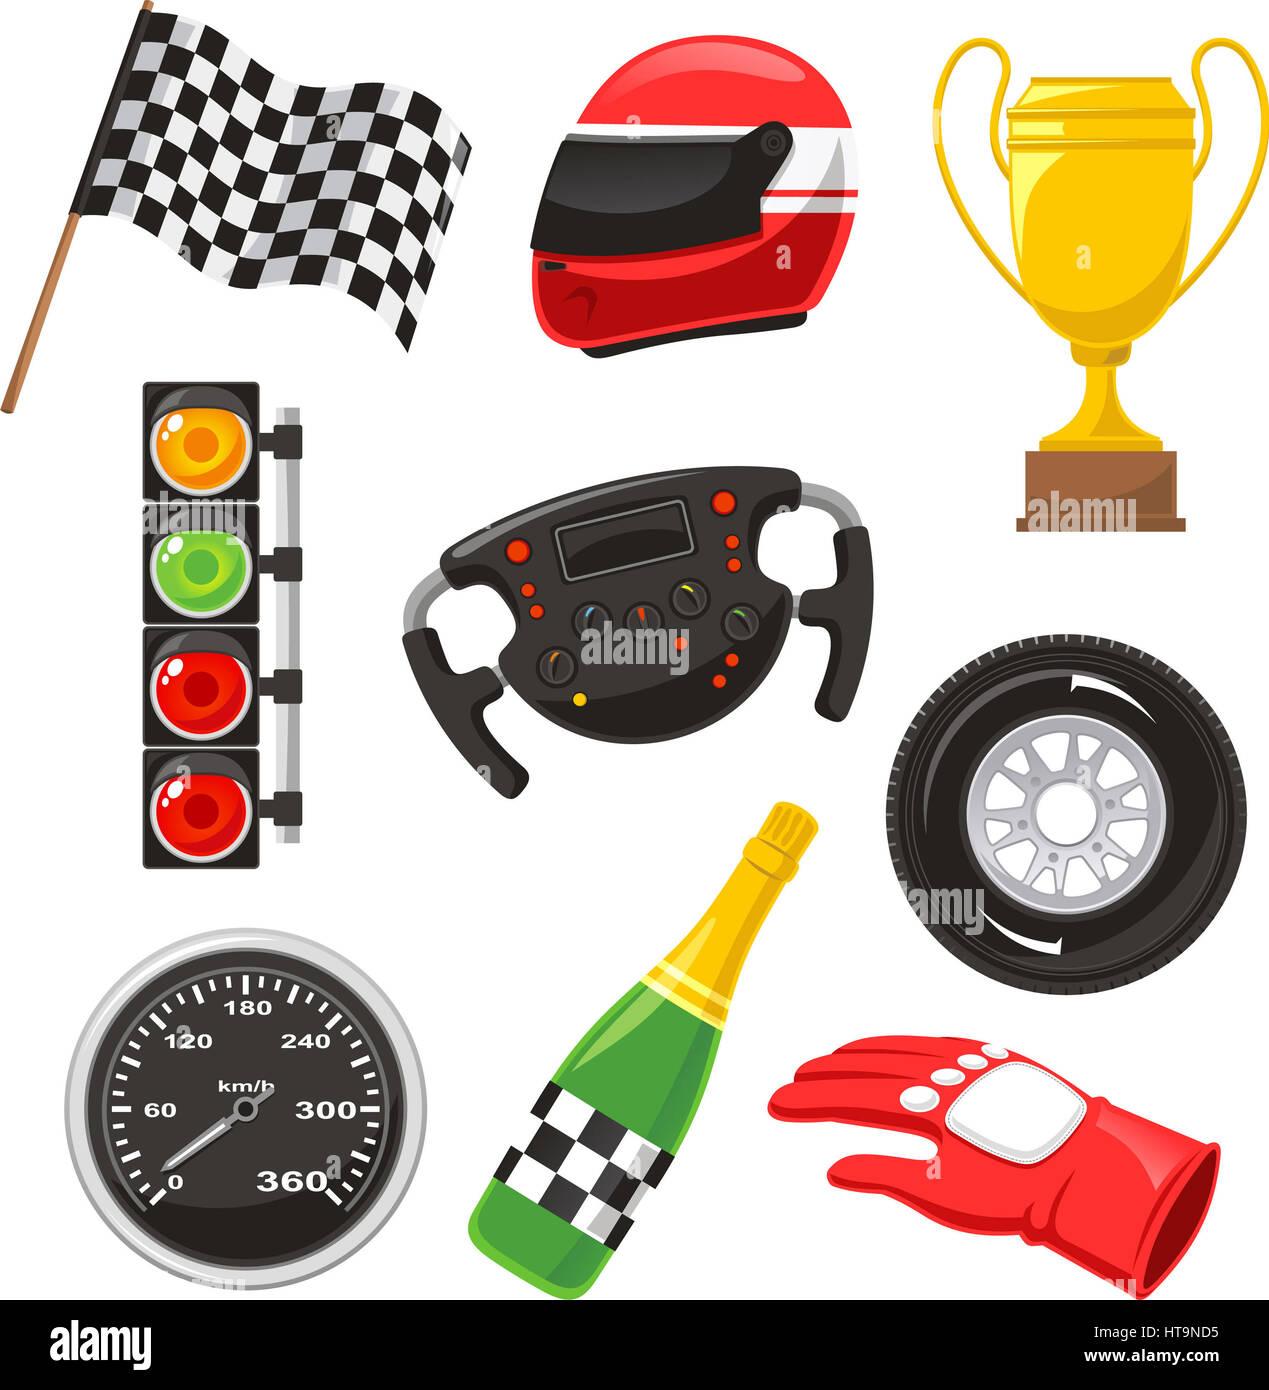 F1 race car icons, with race helmet, f1 flag, f1 ...